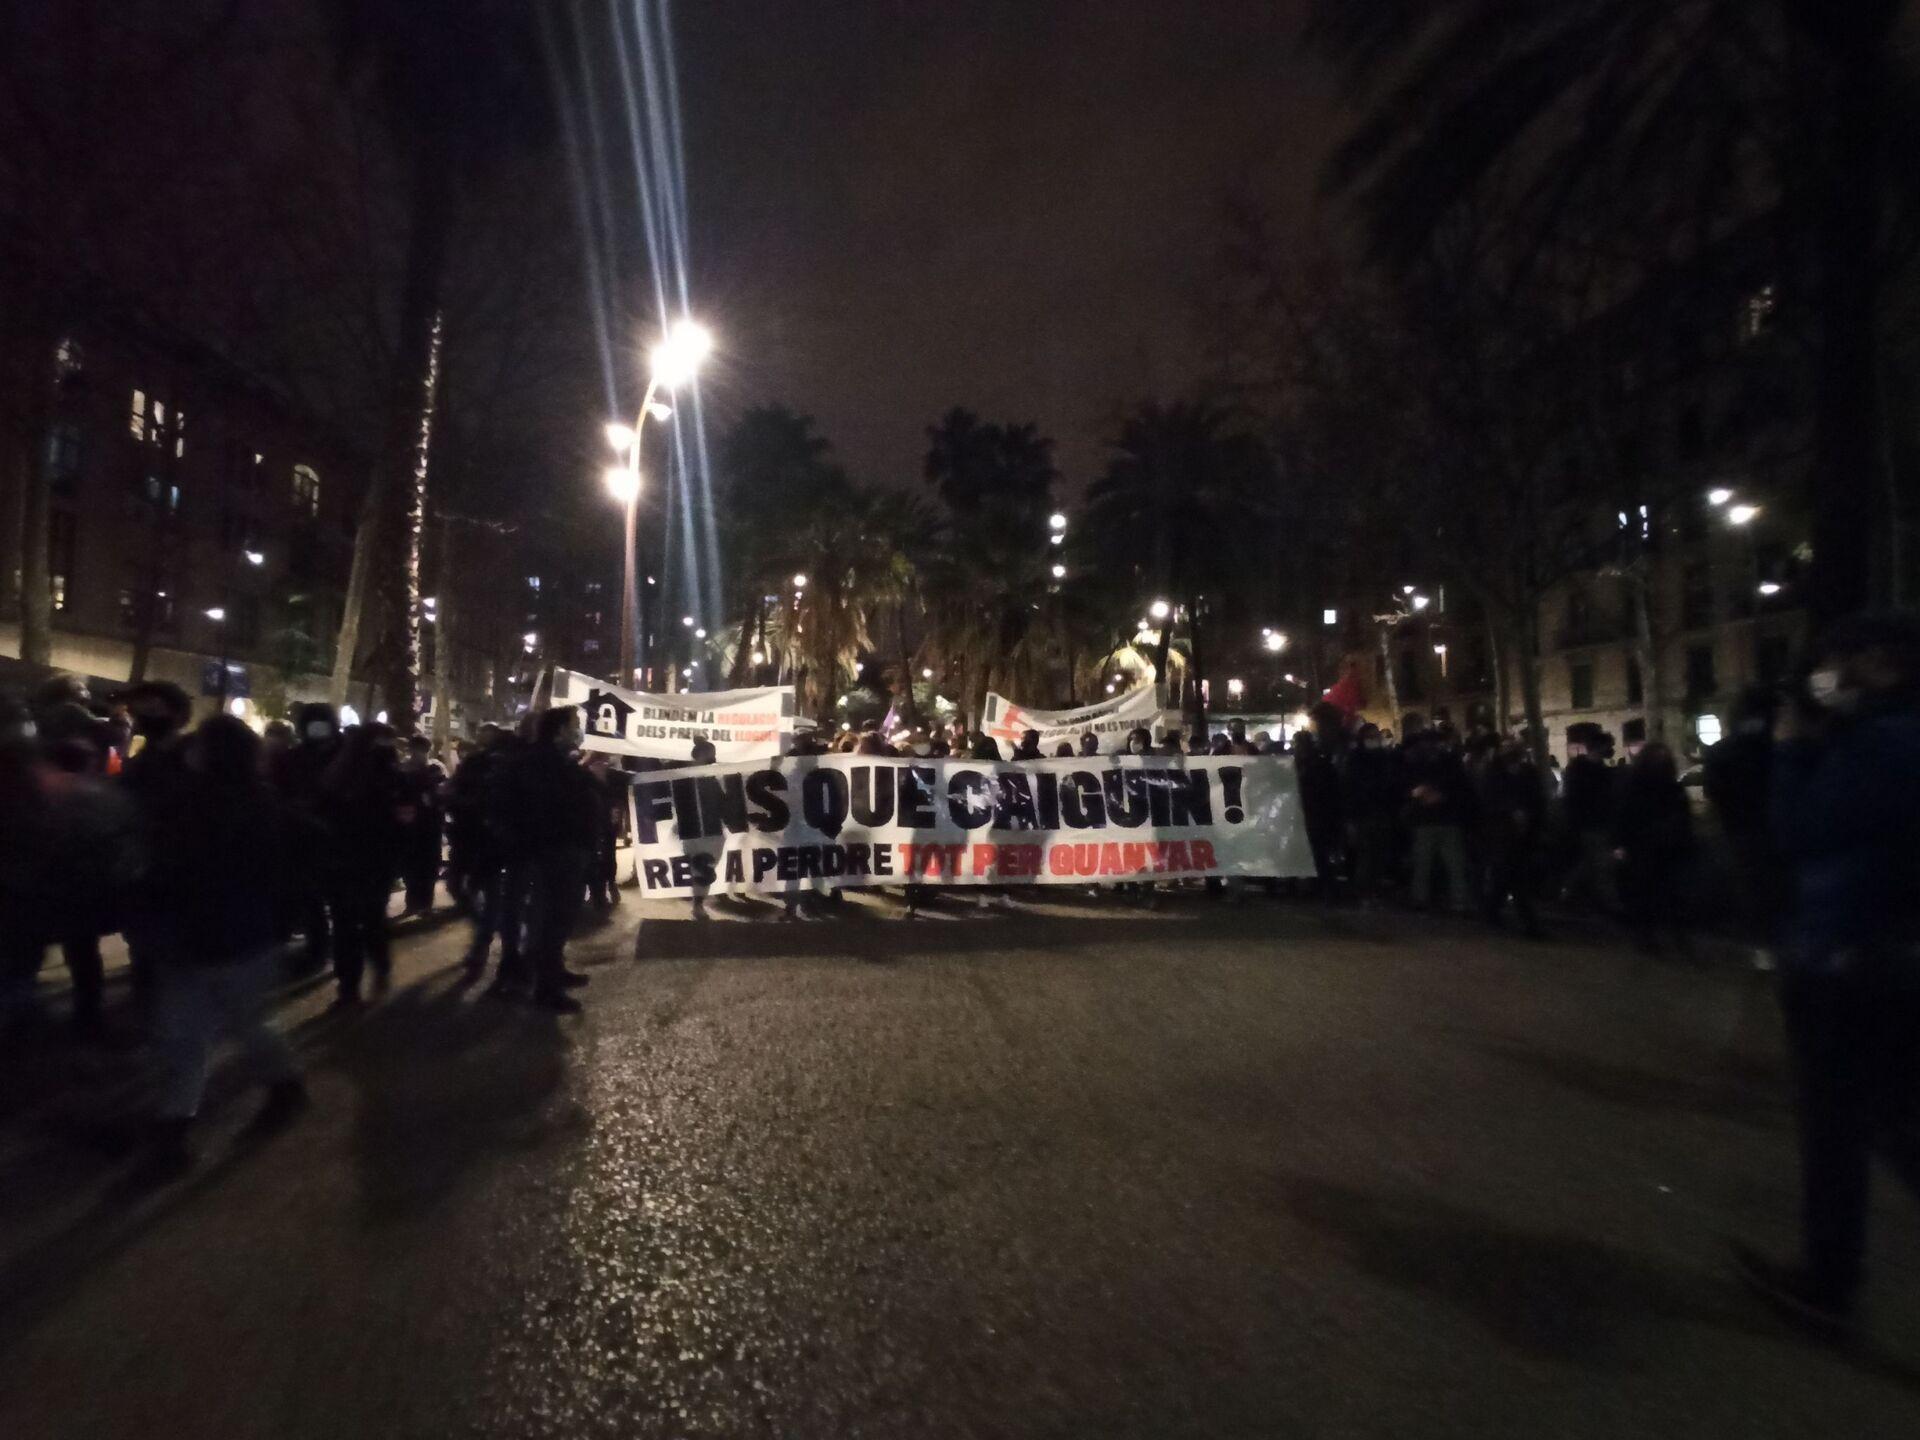 Protesti u Barseloni prerasli u nemire, najmanje desetoro privedenih /video, foto/ - Sputnik Srbija, 1920, 27.02.2021